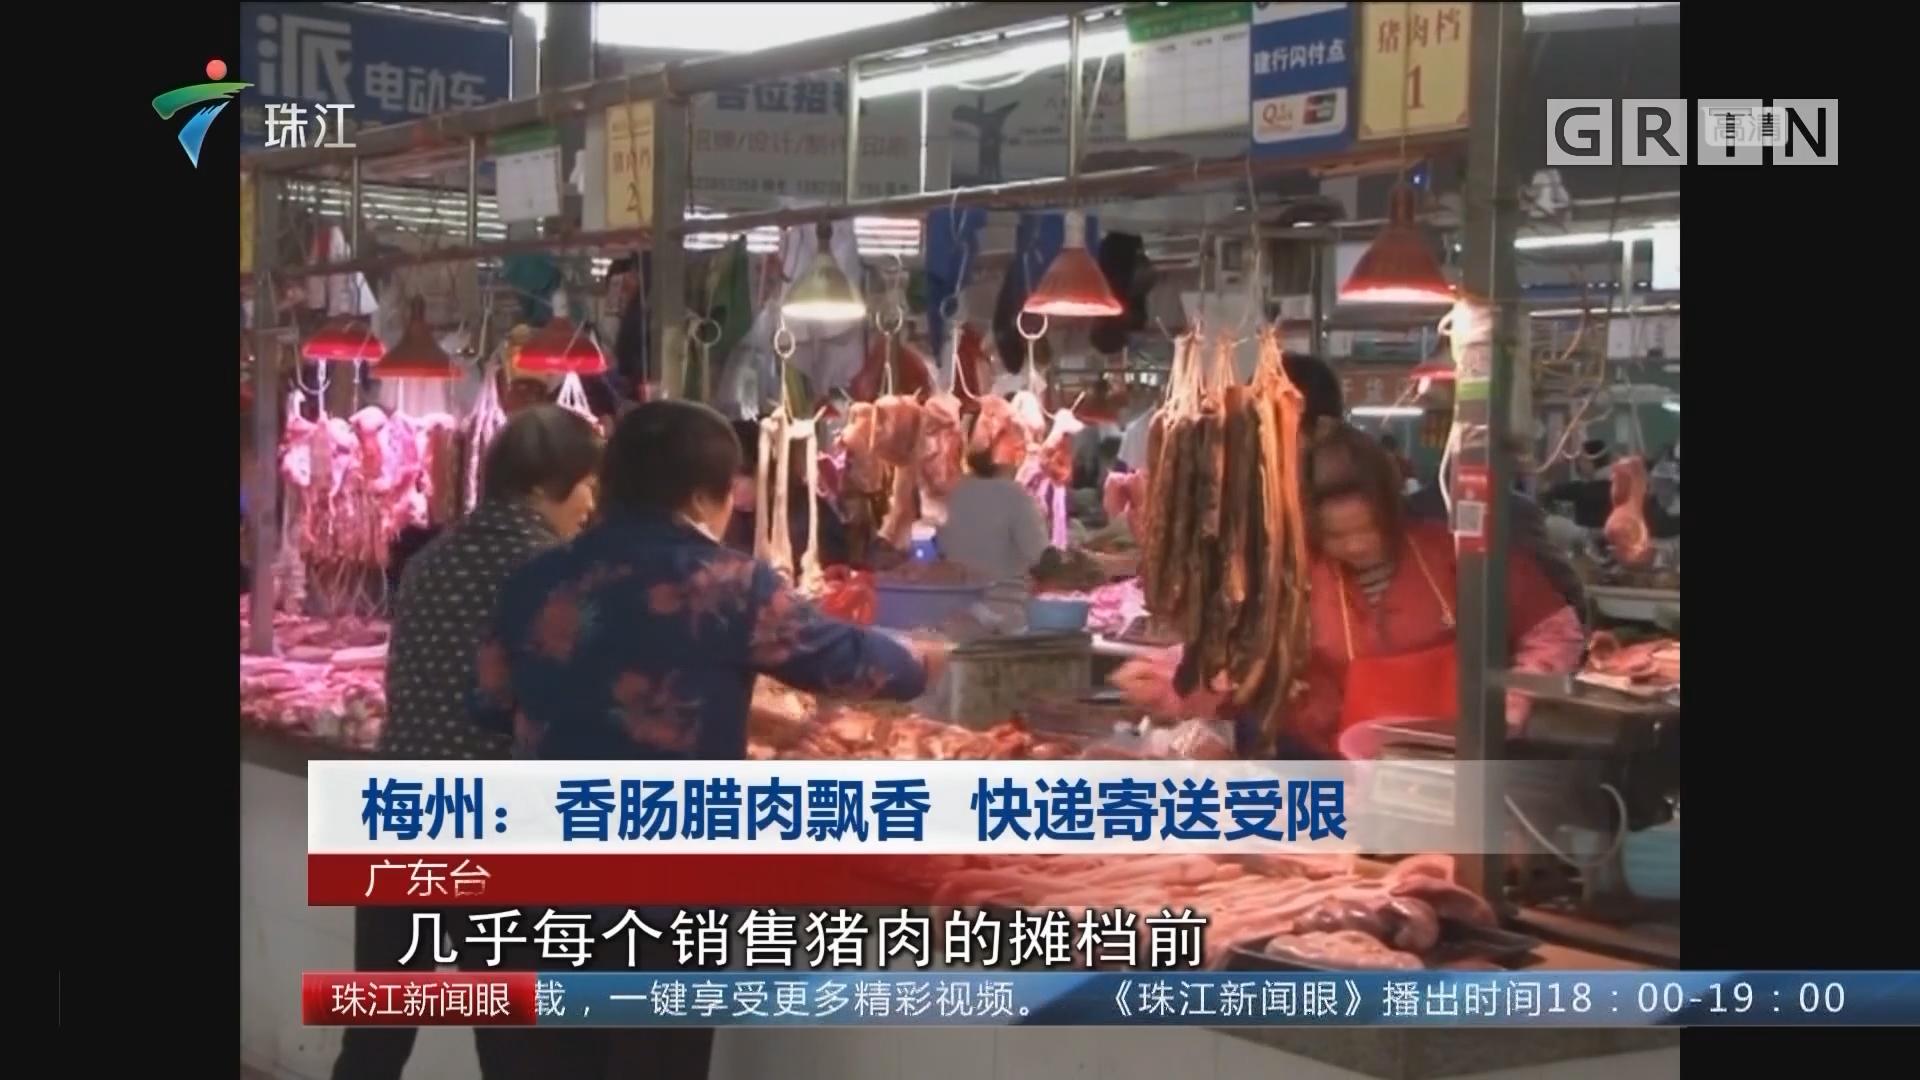 梅州:香肠腊肉飘香 快递寄送受限